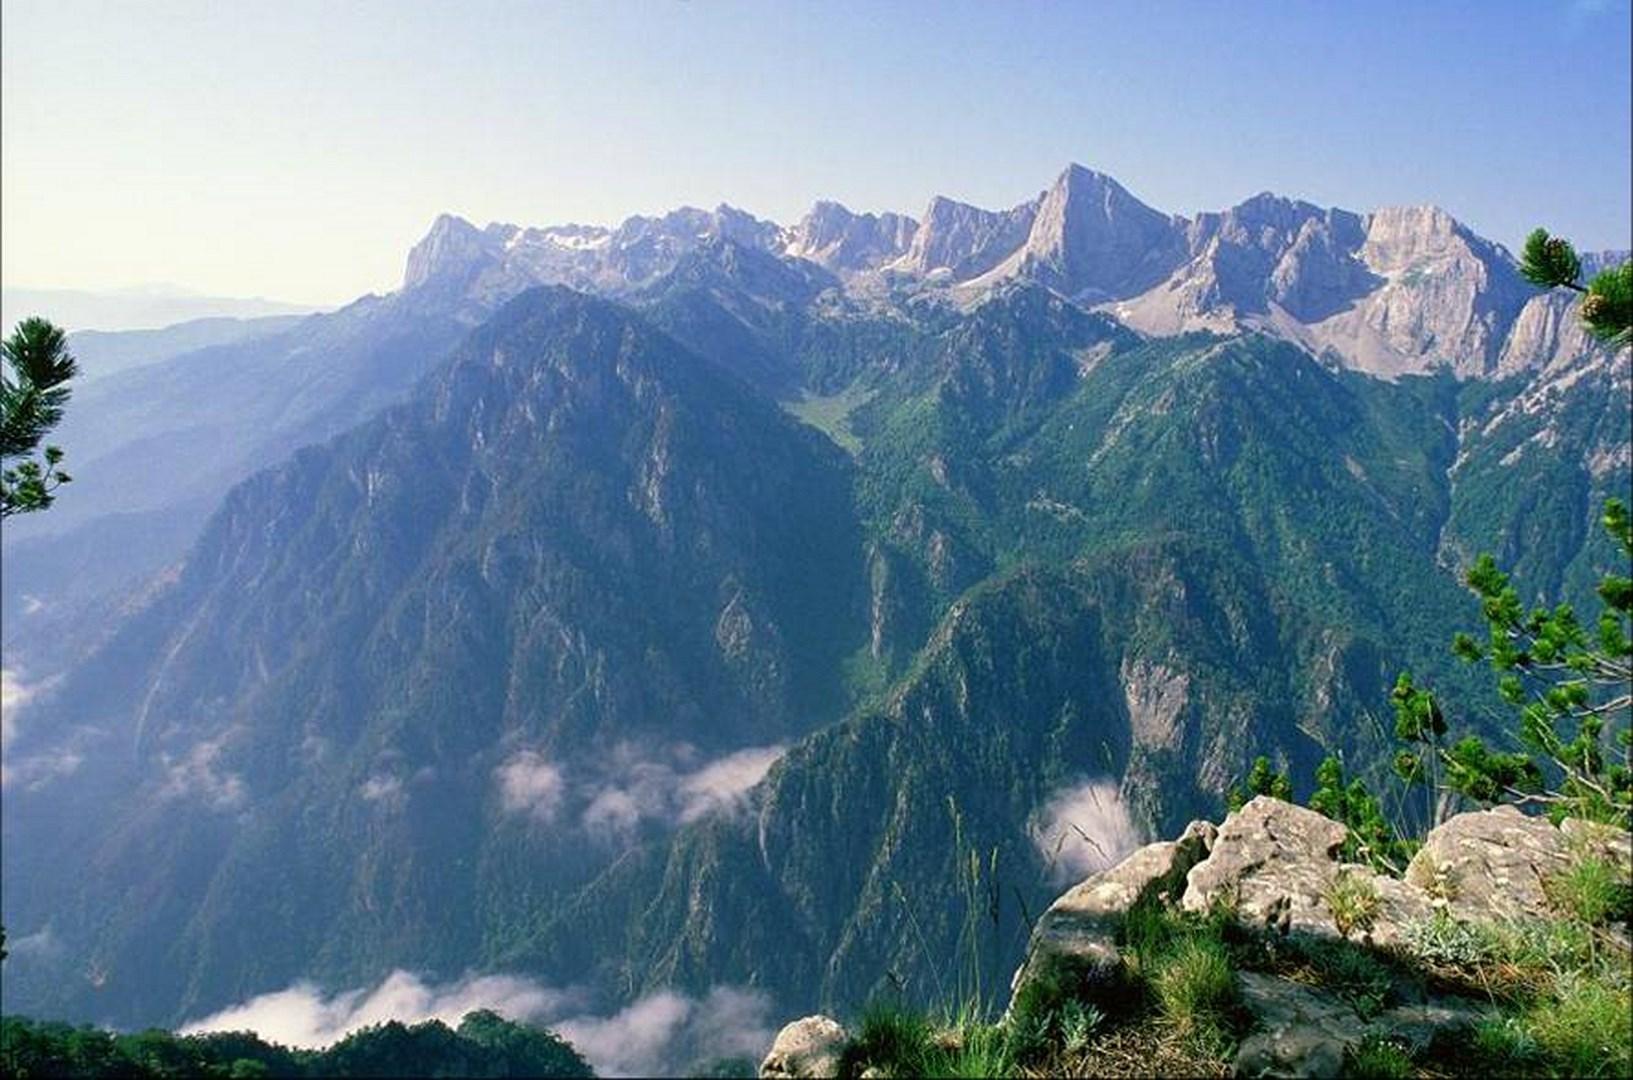 Όρος Τύμφη, βόρεια πλευρά, ΧΑΡΗΤΑΚΗΣ ΠΑΠΑΙΩΑΝΝΟΥ/ HARITAKIS PAPAIOANNOU